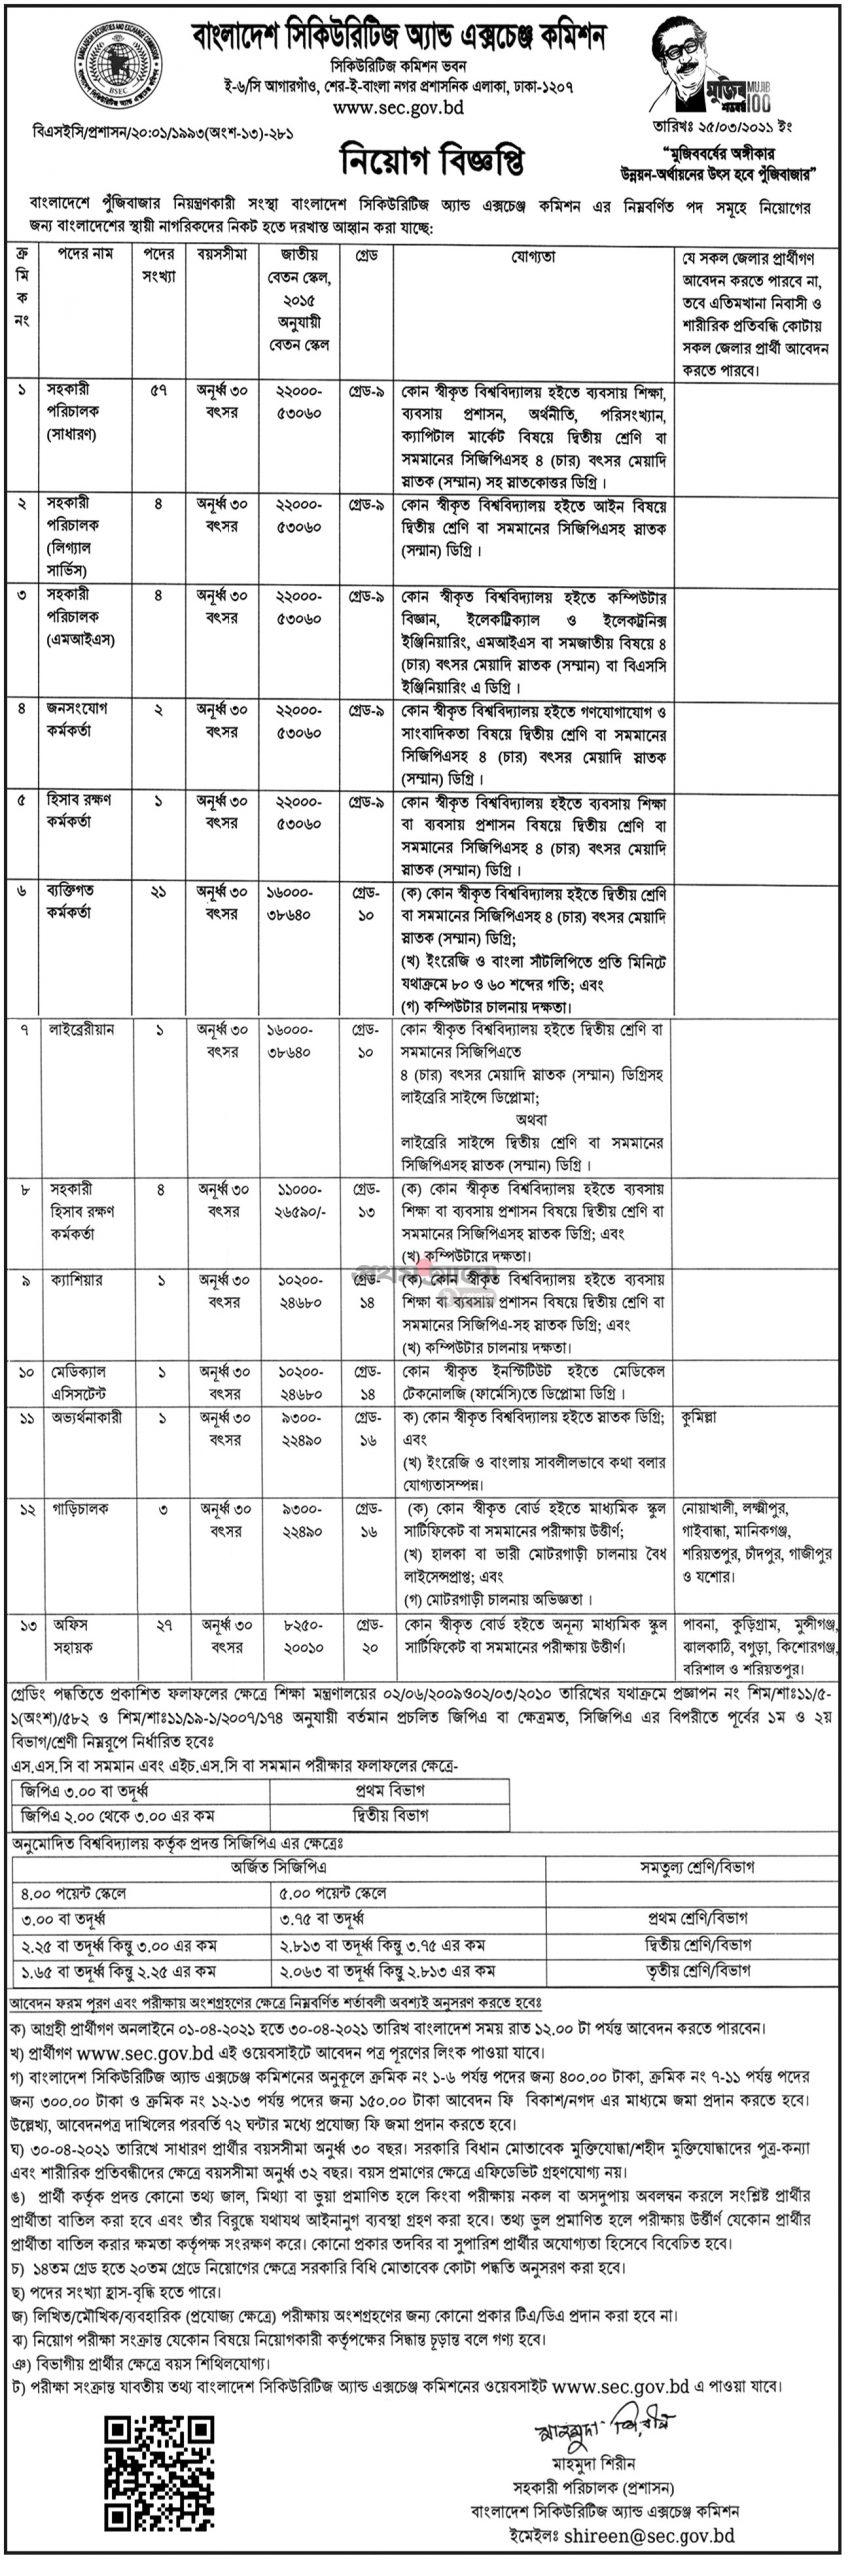 বাংলাদেশ সিকিউরিটিজ অ্যান্ড এক্সচেঞ্জ কমিশন নিয়োগ বিজ্ঞপ্তি ২০২১ - Bangladesh Security and exchange commission (SEC) job circular 2021